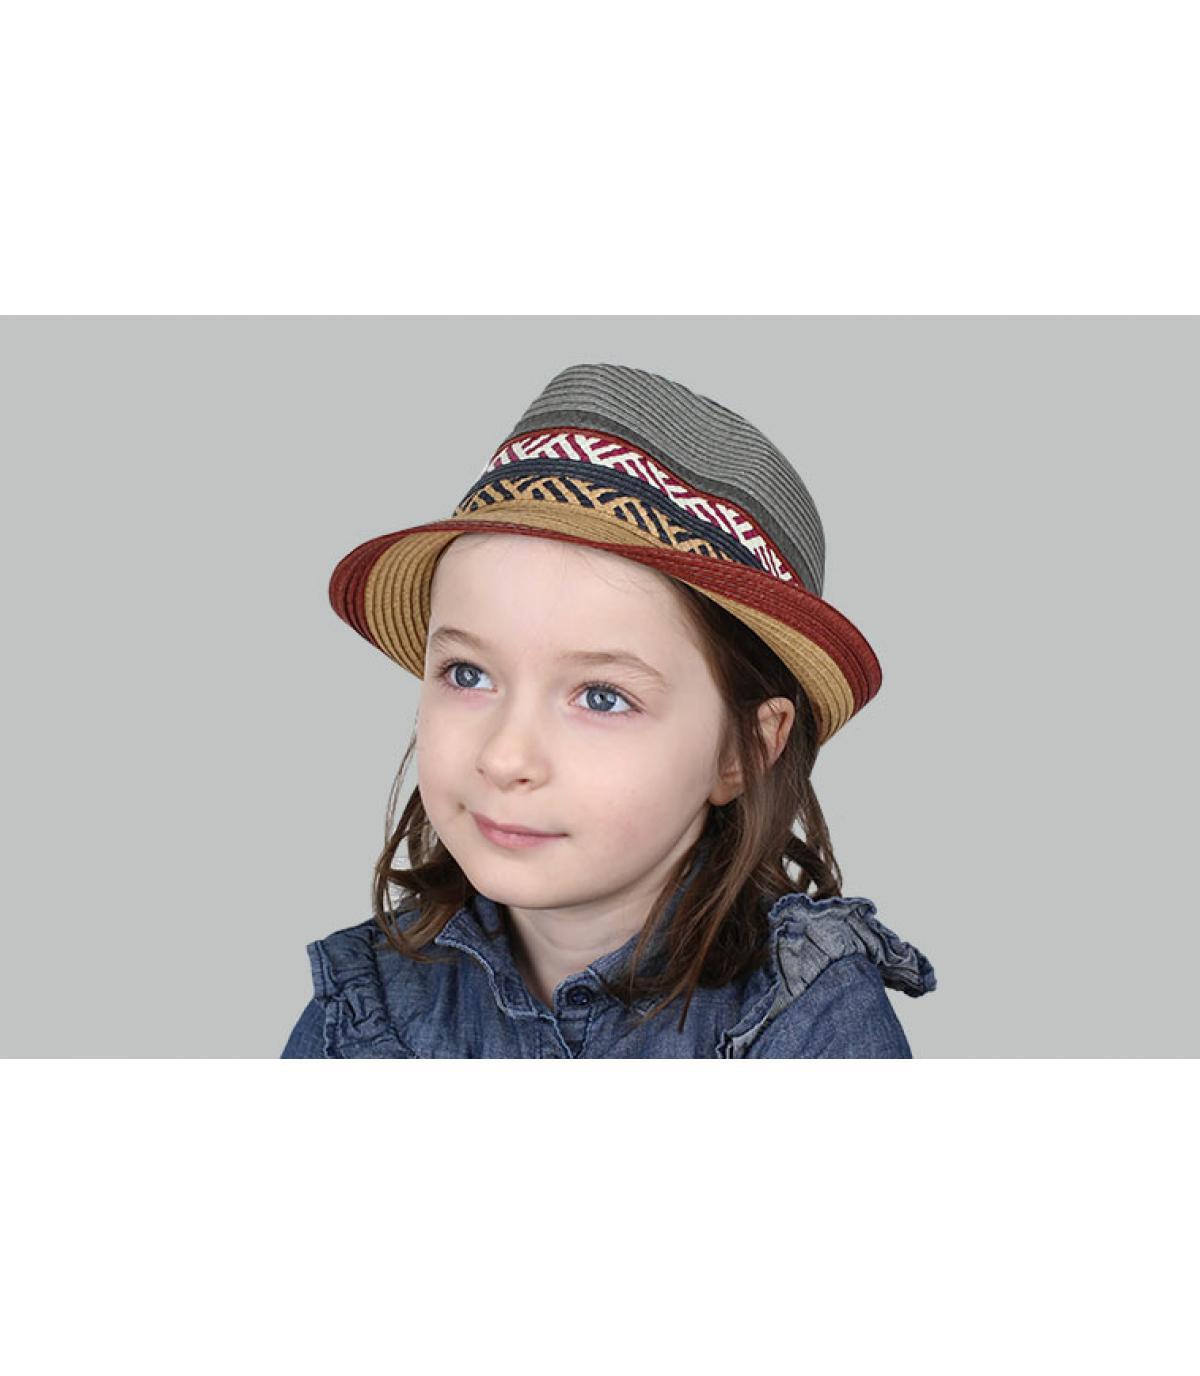 cappello di paglia bambino grigio bordeaux